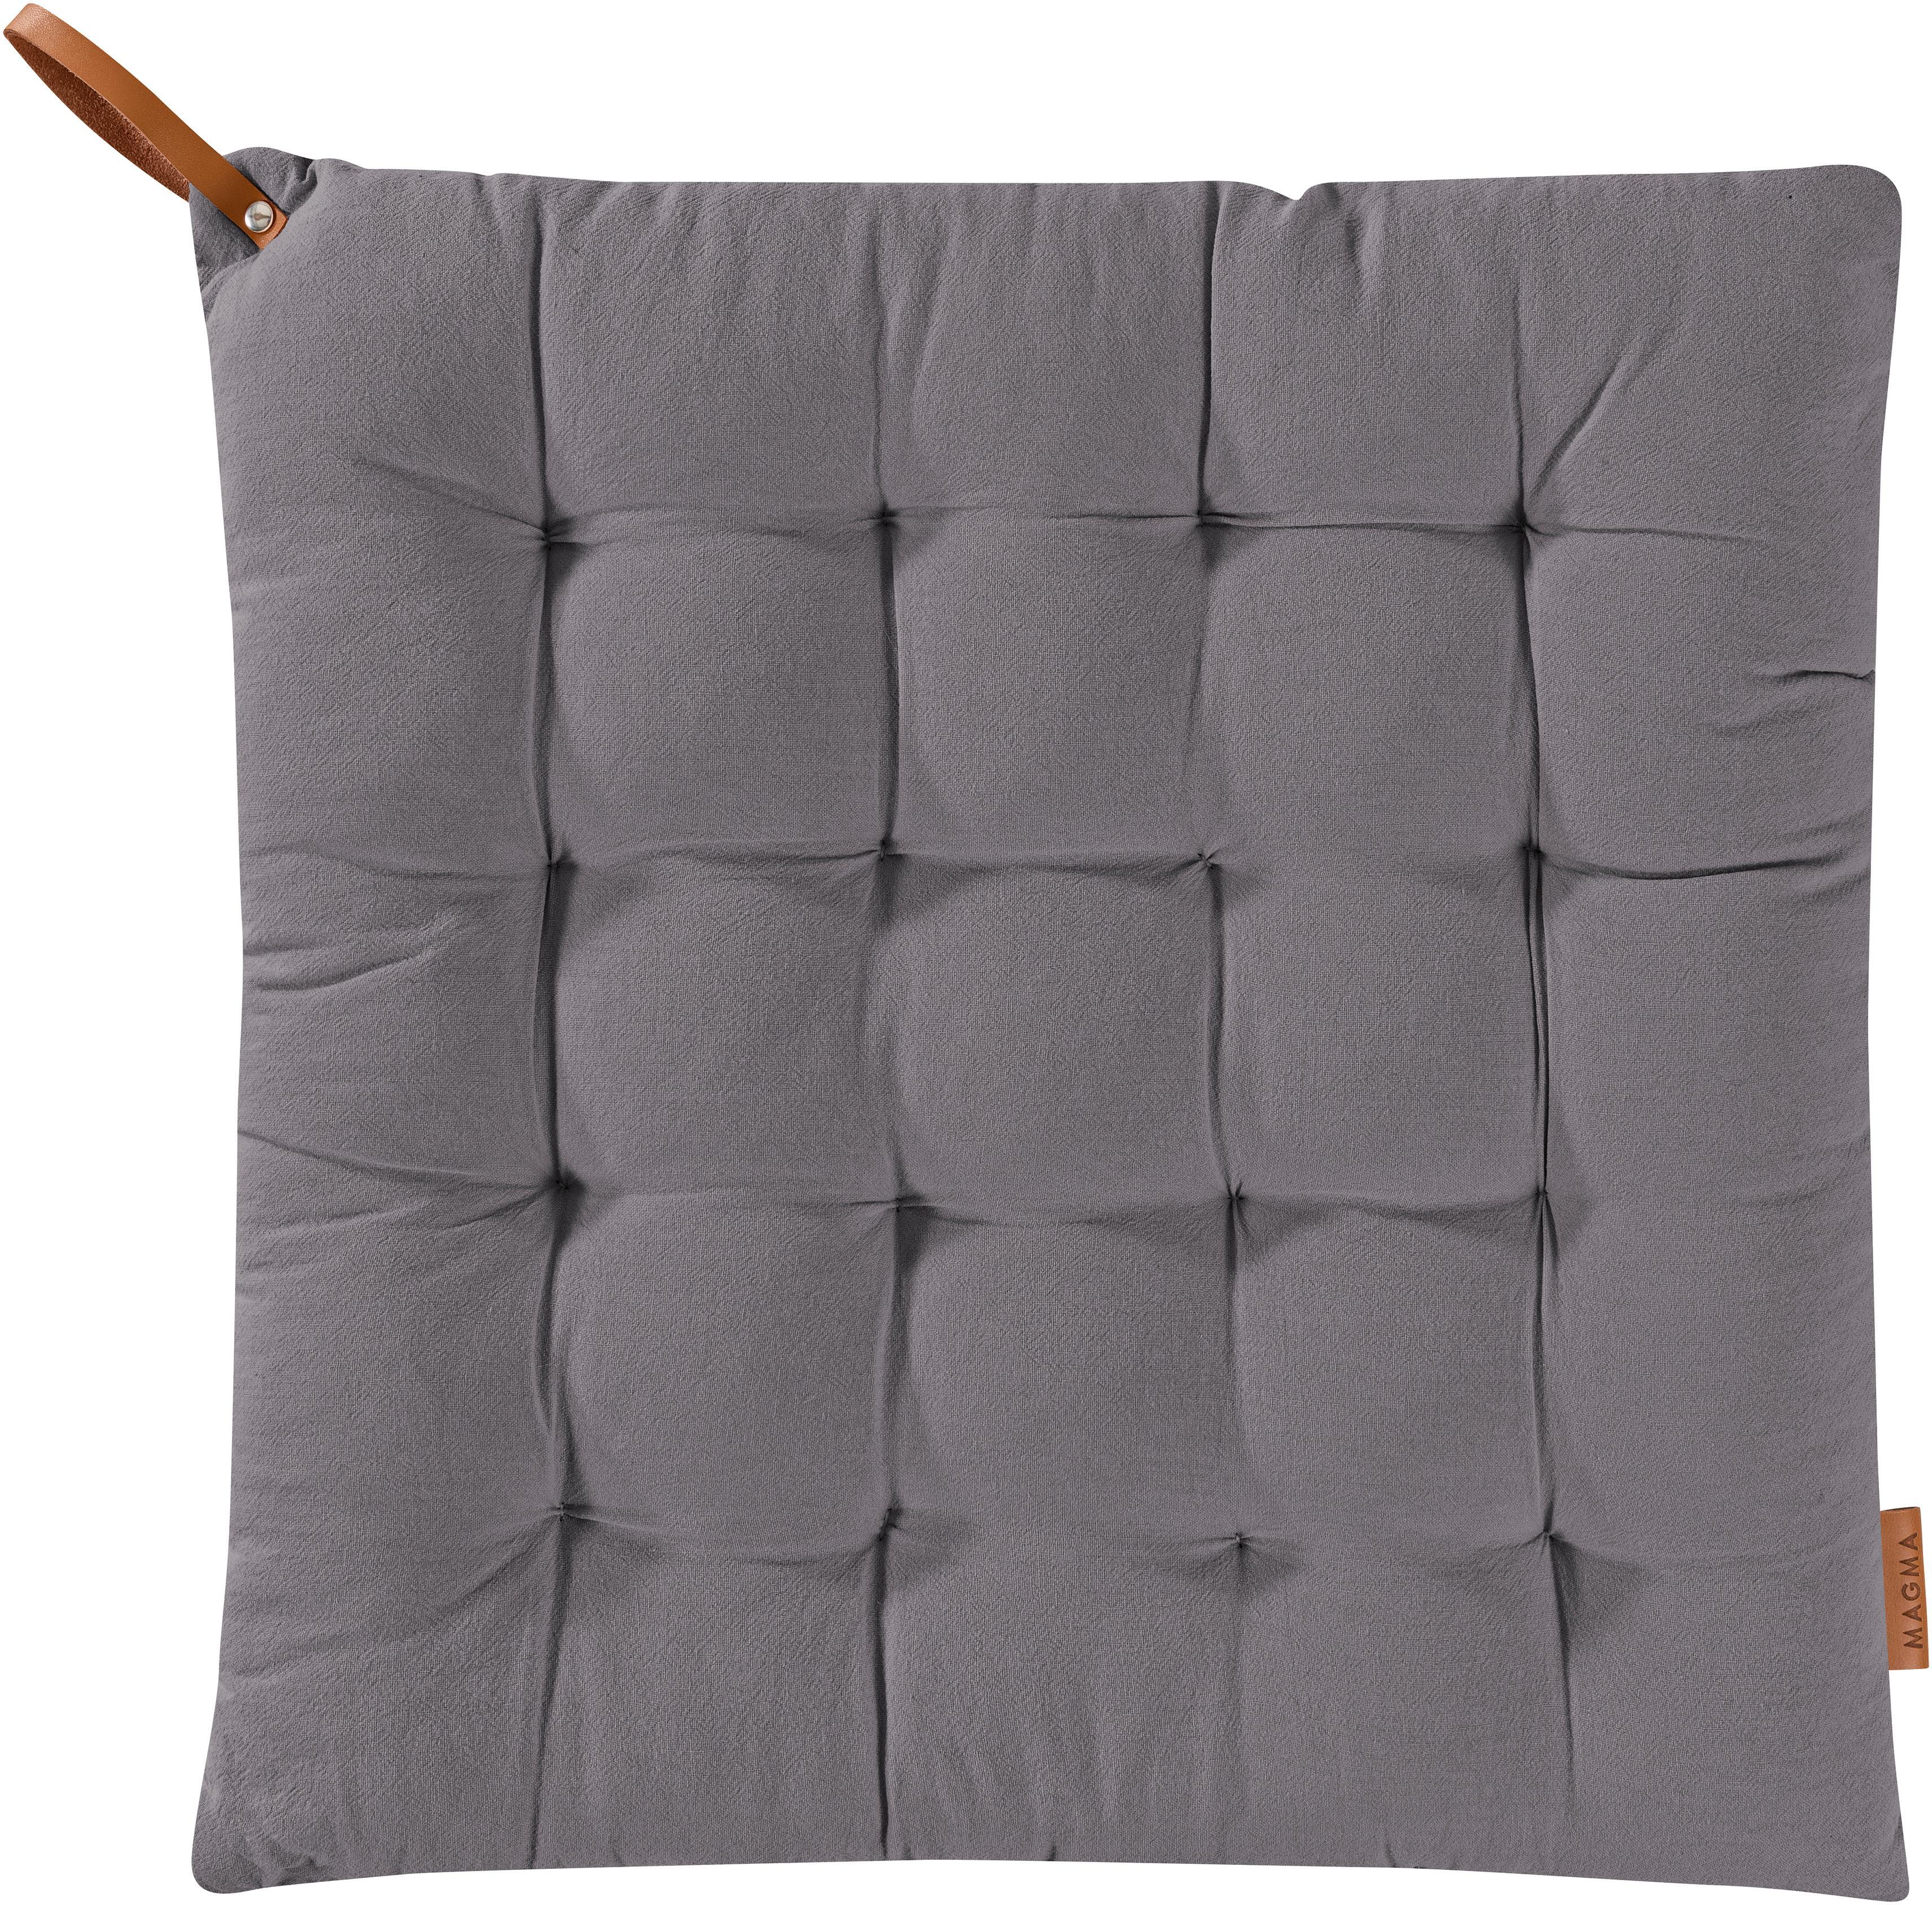 Sitzkissen Billie, 100% Baumwolle, Anthrazit, 40 x 40 cm